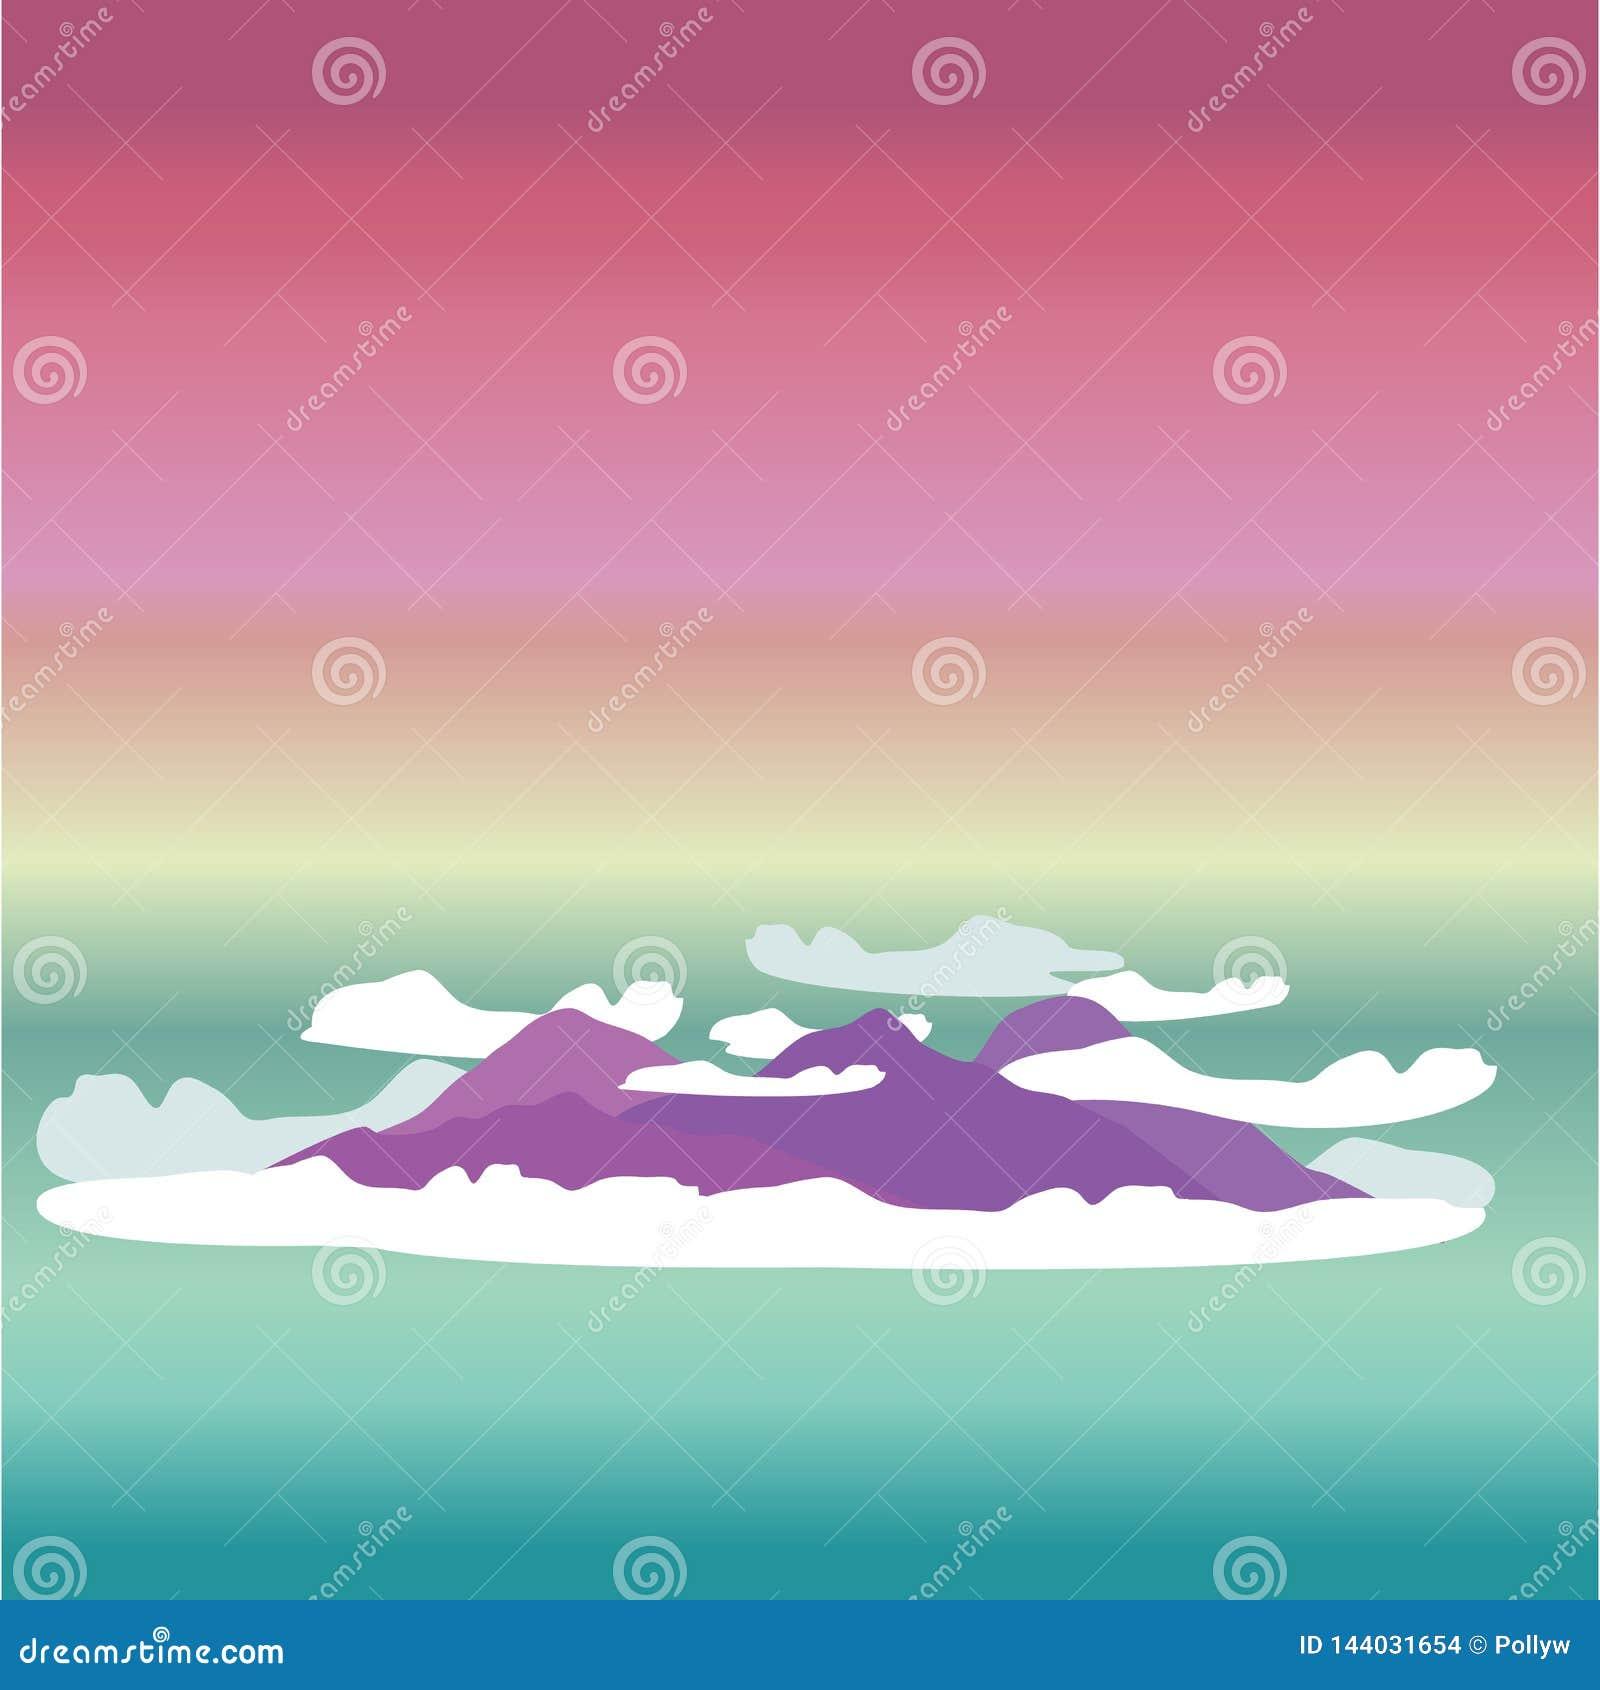 Милая иллюстрация вектора мультфильма облаков и пурпурных холмов